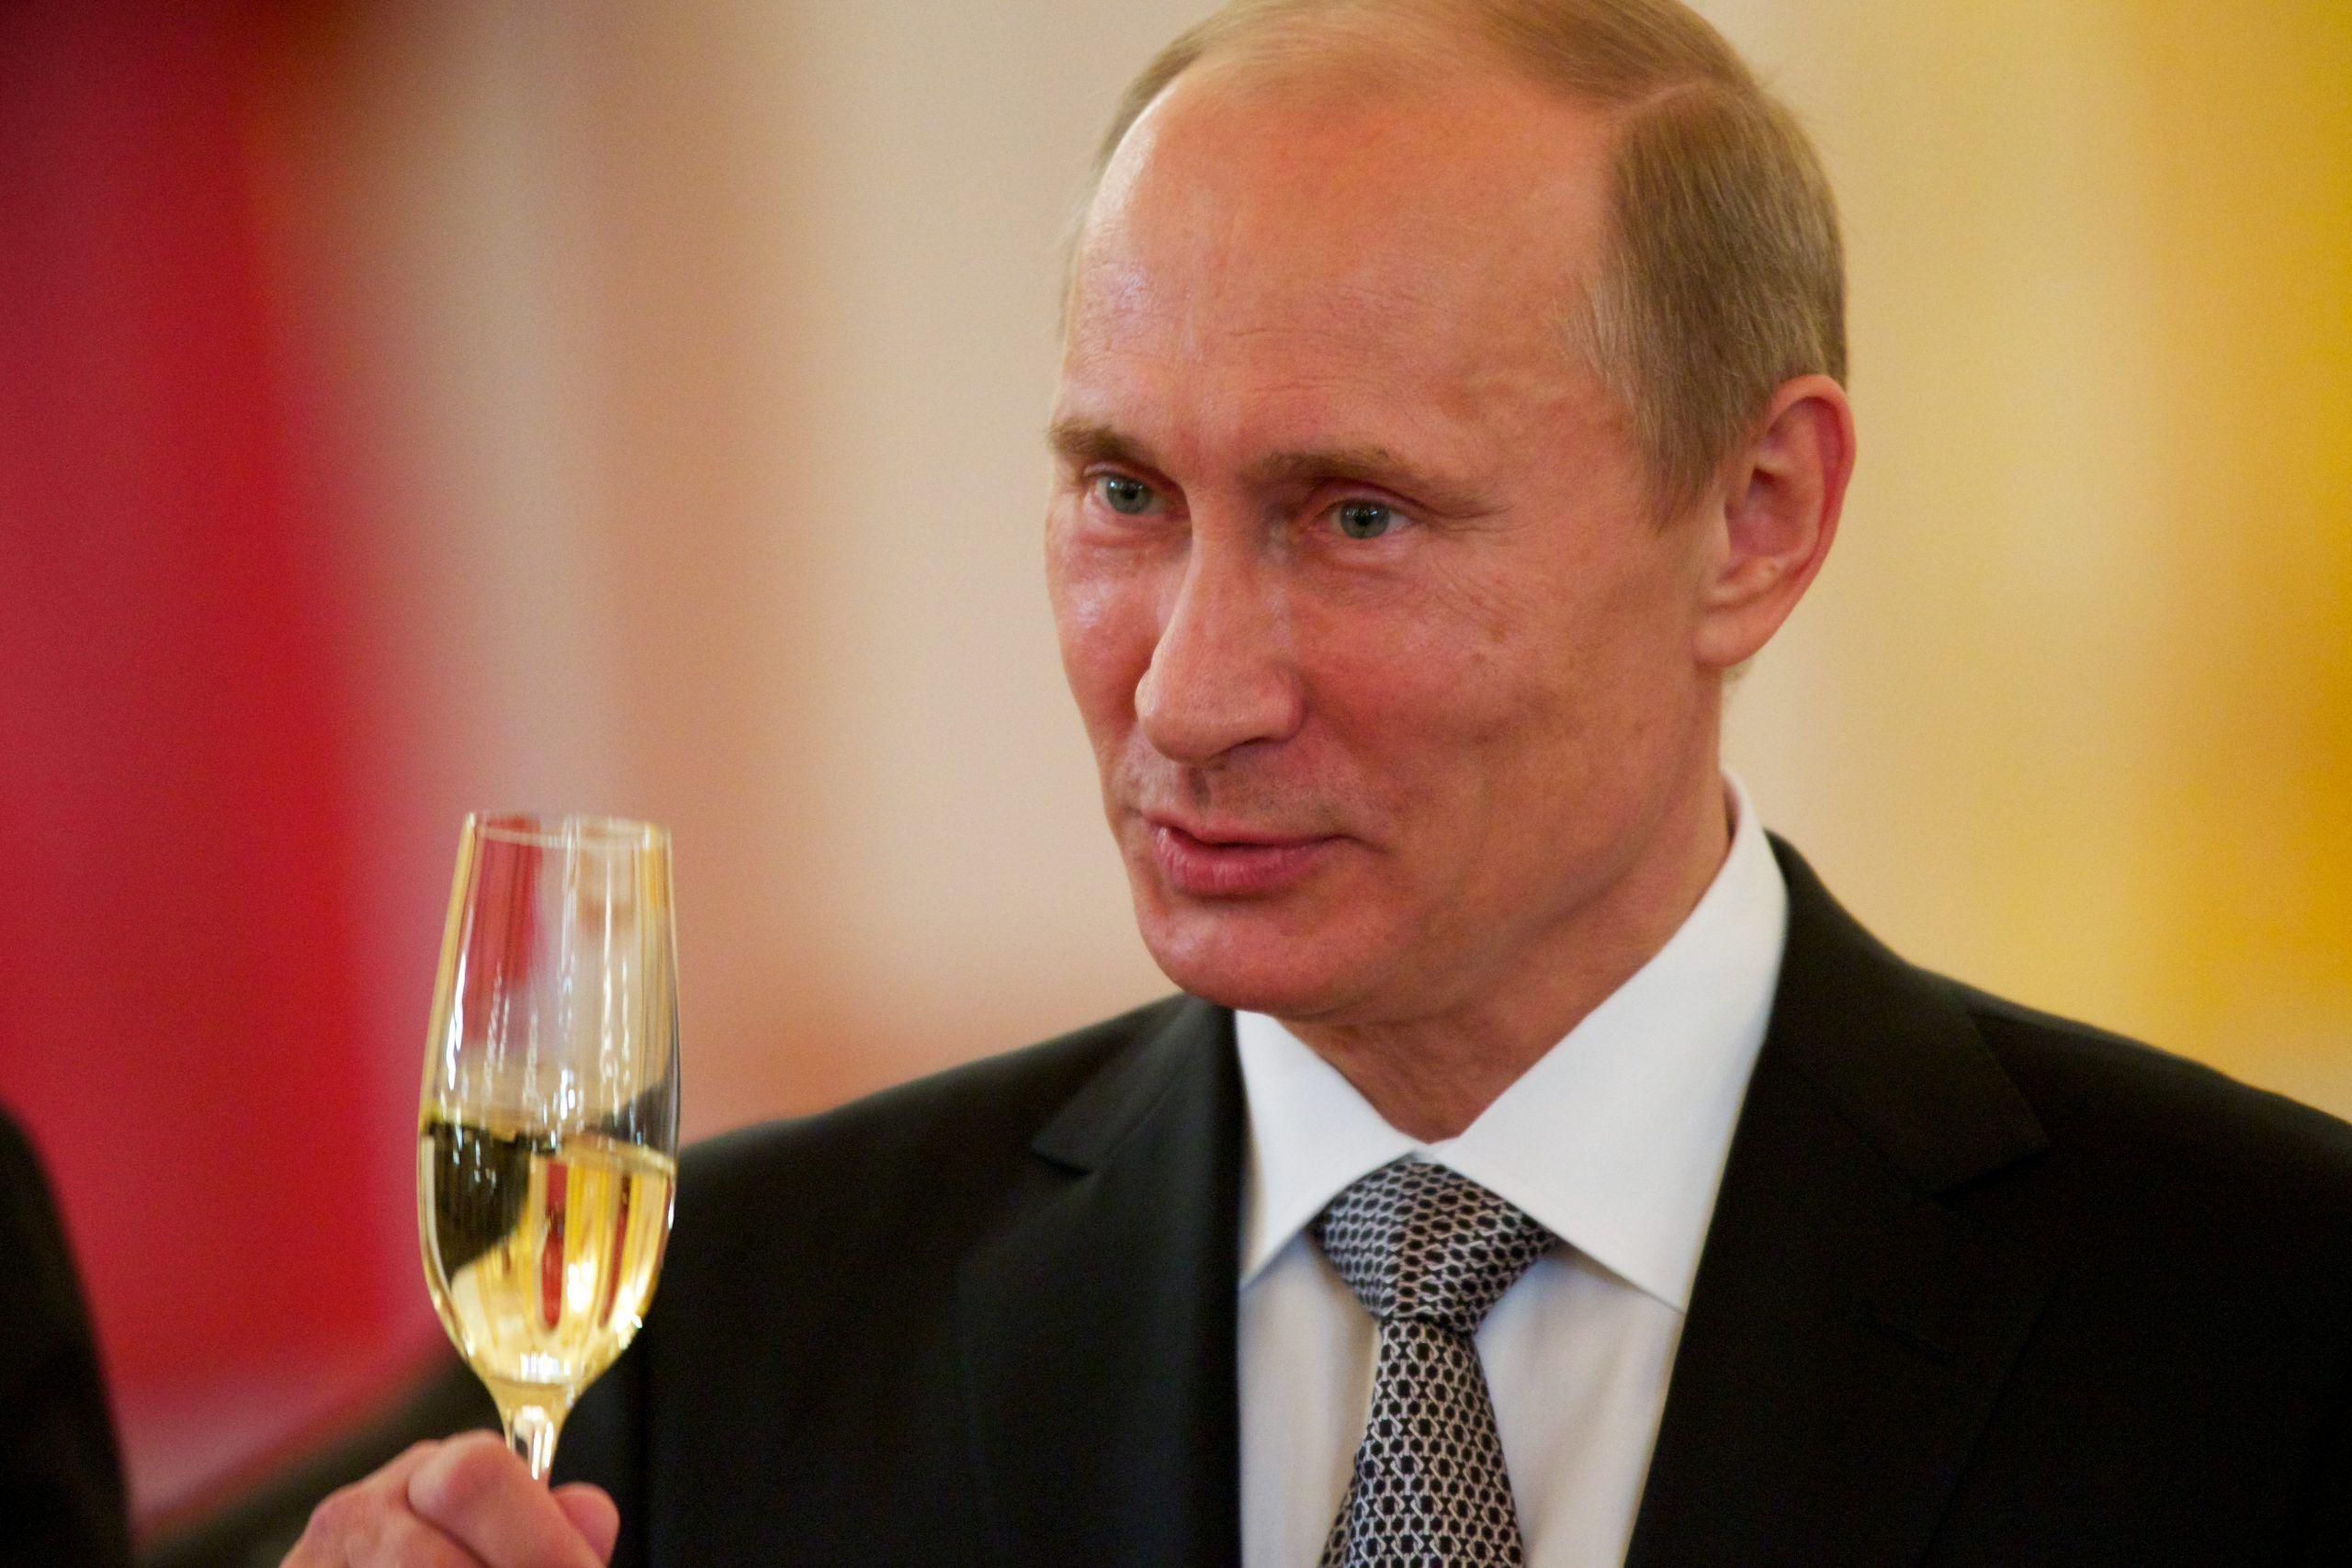 Putin costa 100 miliardi all'Europa: in gioco 2 milioni di posti di lavoro